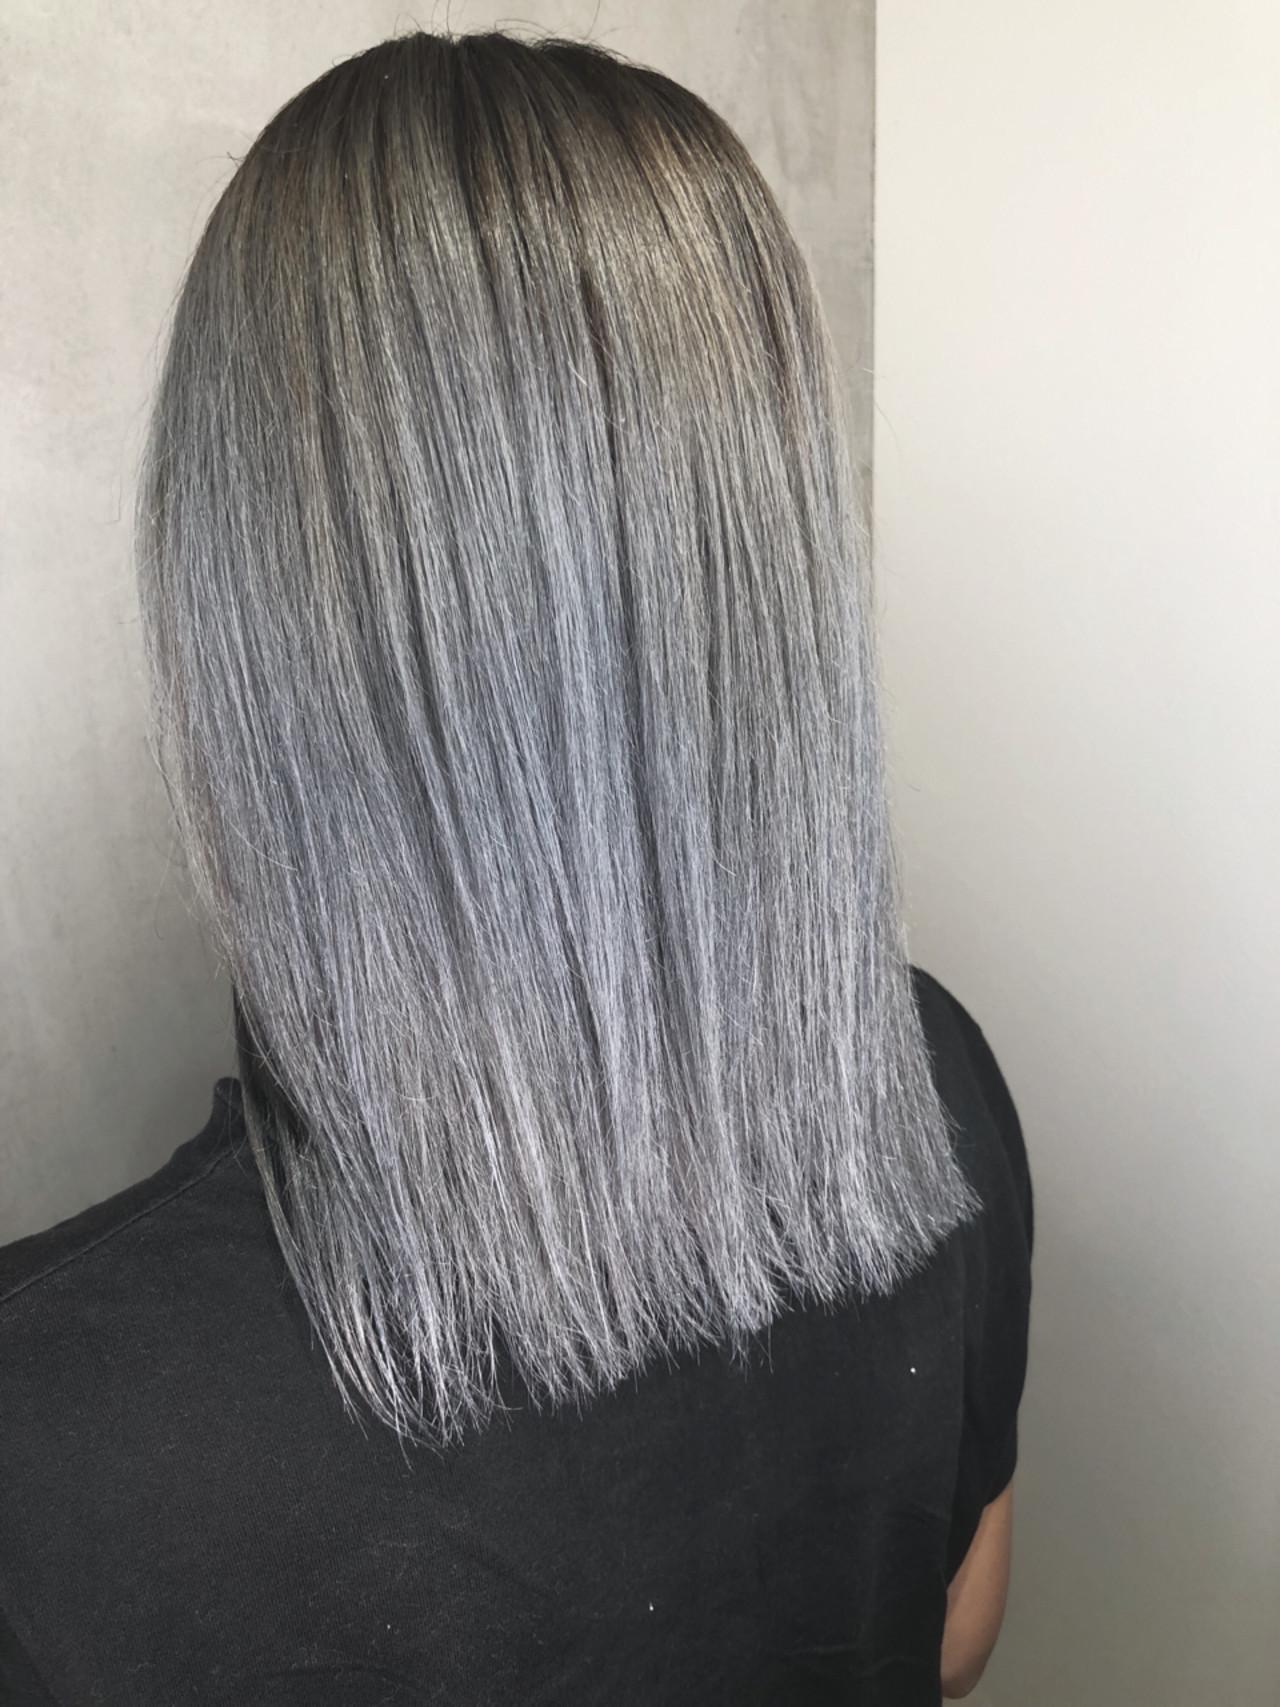 ボブ 外国人風 グレージュ ミディアム ヘアスタイルや髪型の写真・画像 | 筒井 隆由 / Hair salon mode